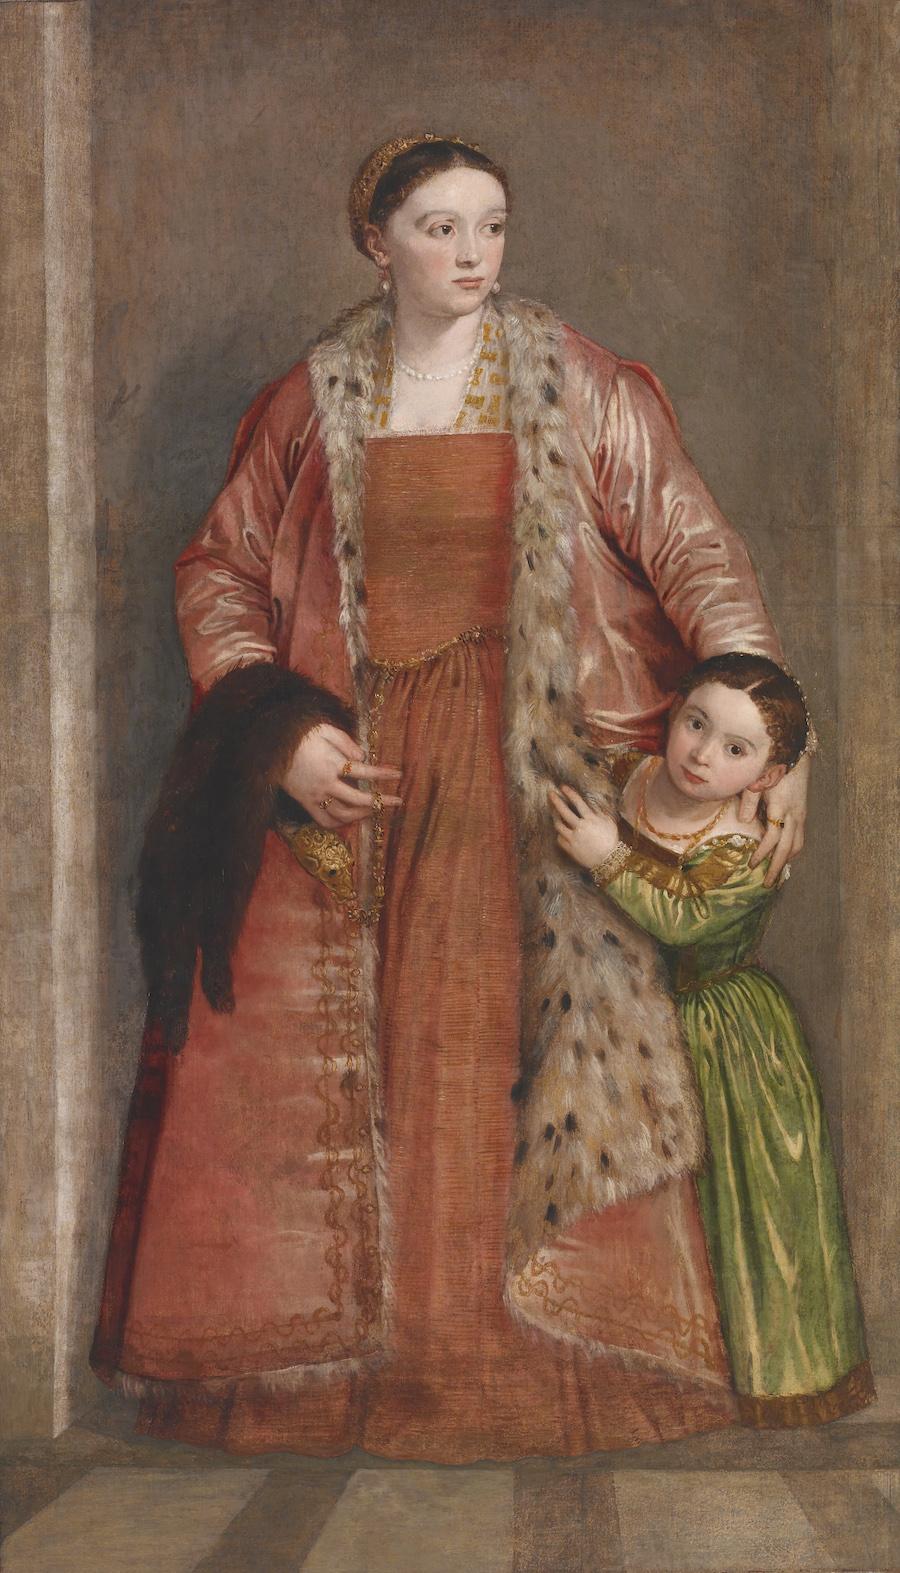 Baltimore, Walters Art Paolo Veronese, Countess Livia da Porto Thiene.